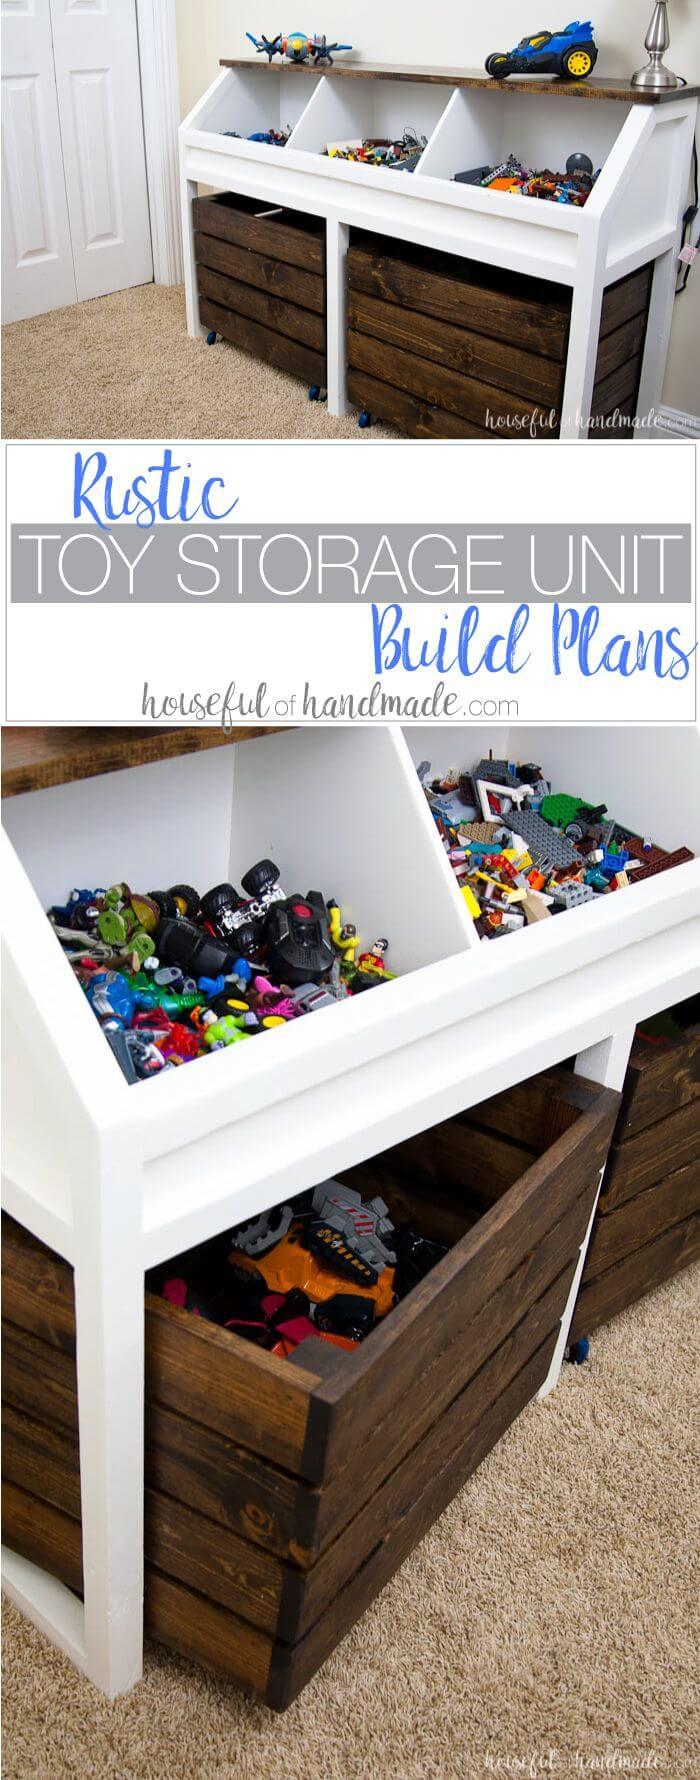 DIY Rustic Toy Storage Unit